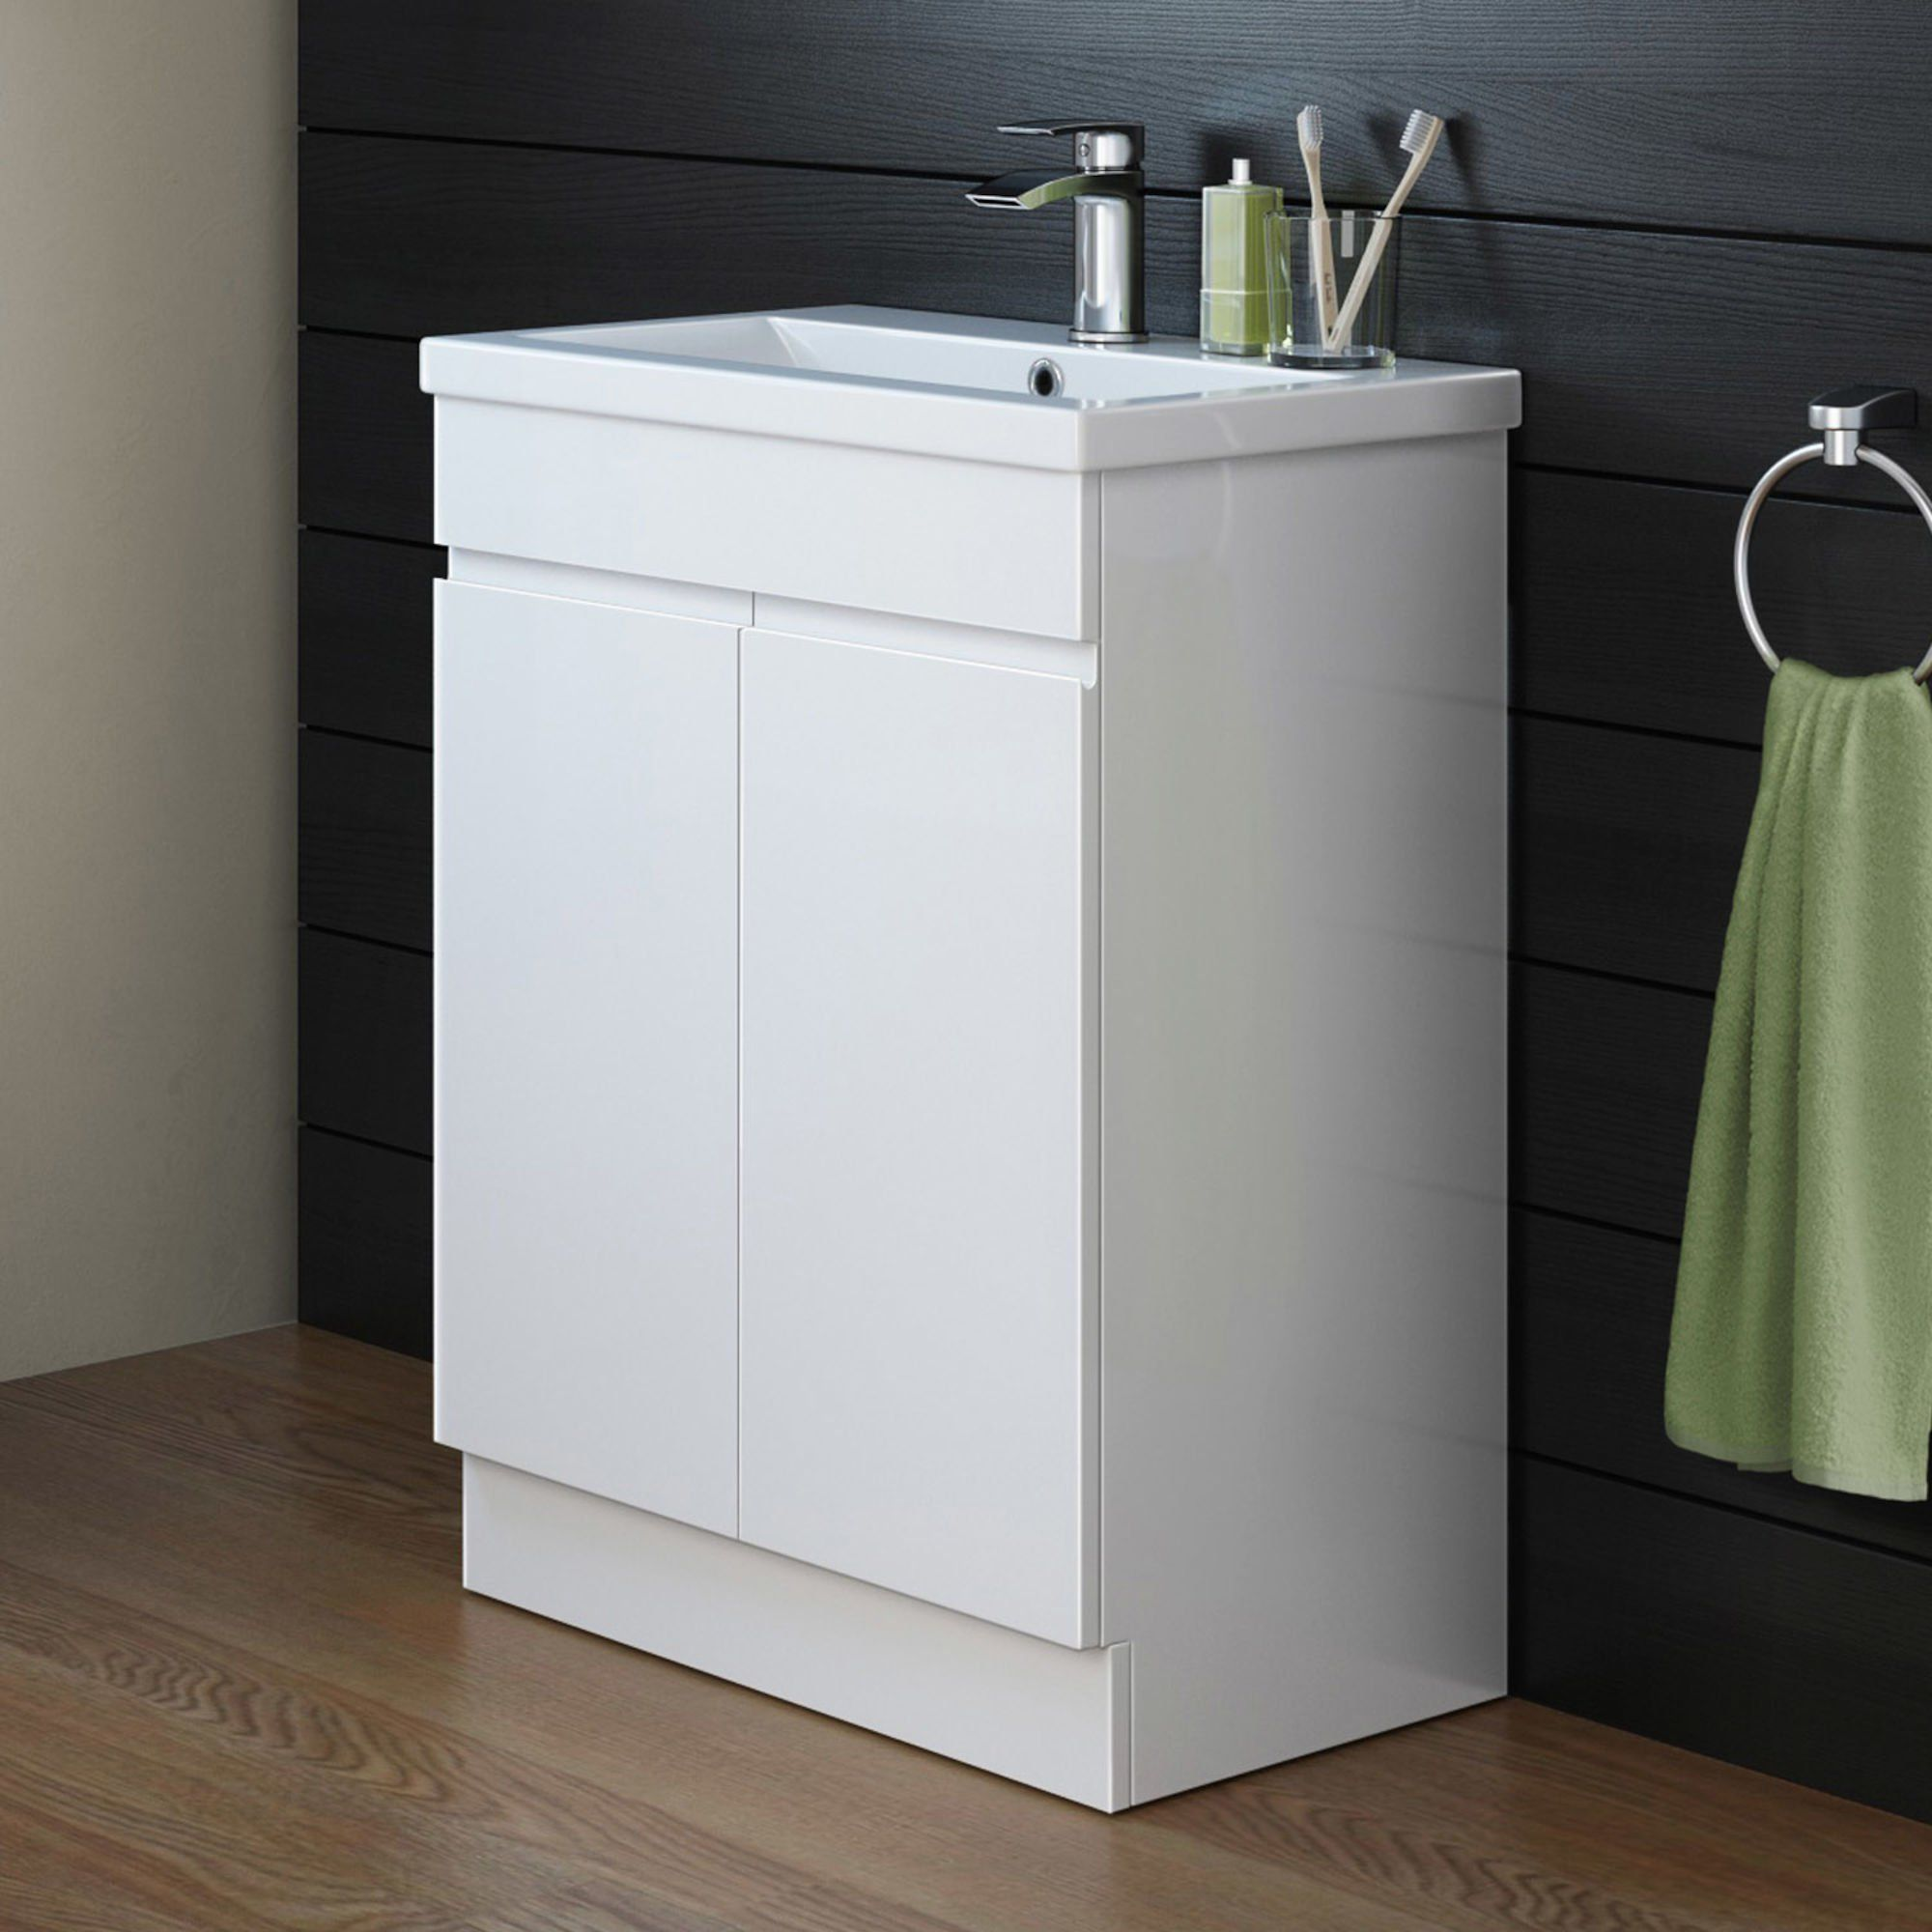 600mm Trent High Gloss White Basin Cabinet - Floor Standing   High ...